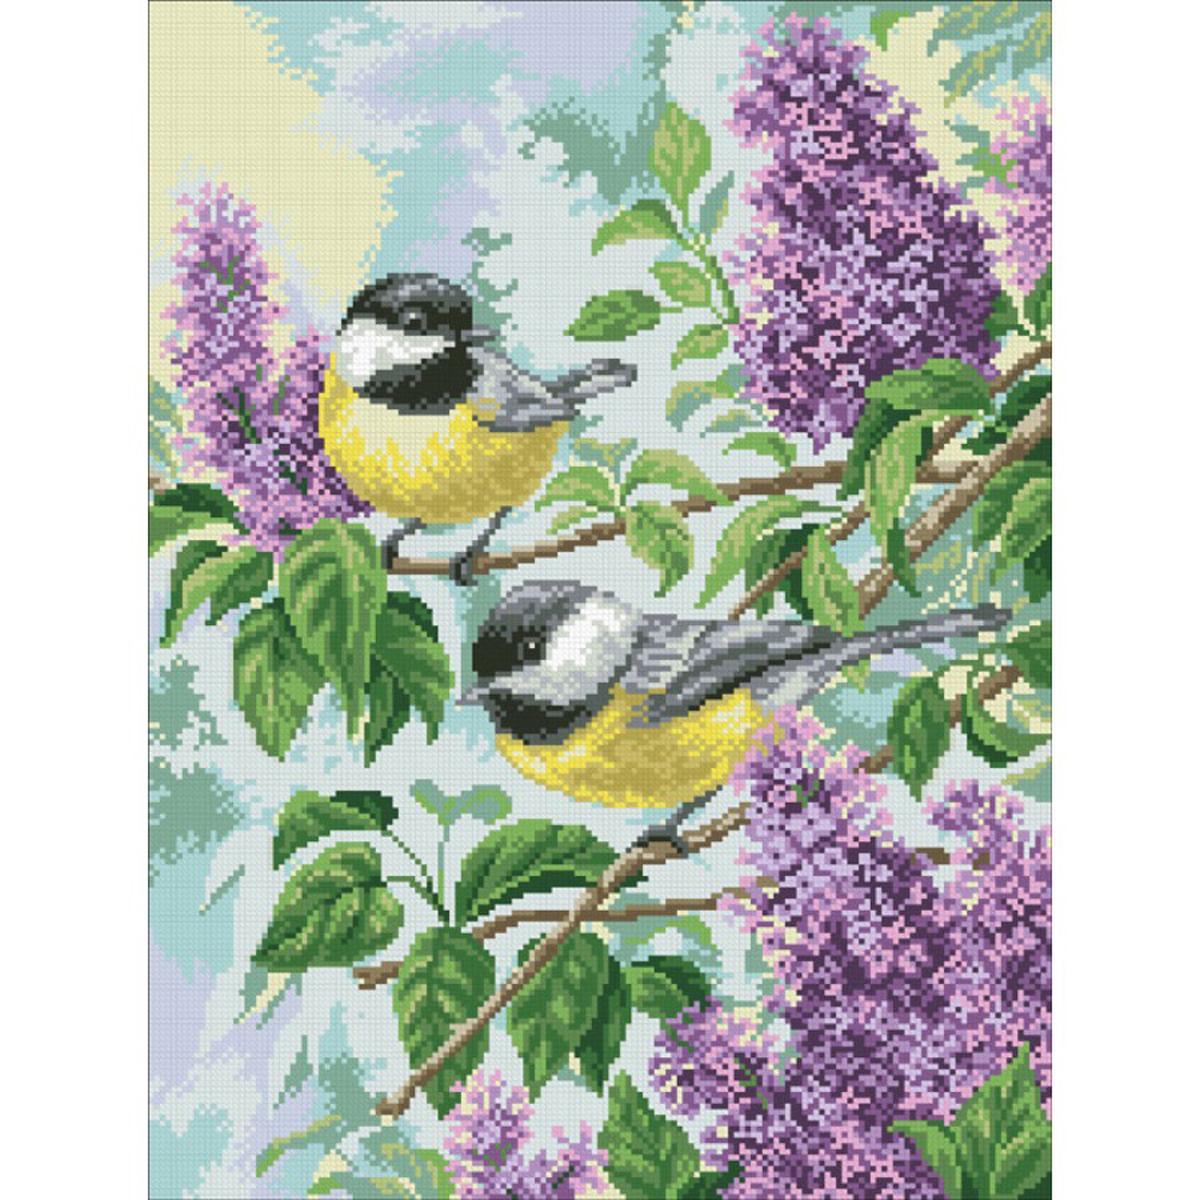 Набор для изготовления картины со стразами Паутинка Синички , 49 х 37 см486477Состав набора: мозаика — 27 цветов, холст с нанесенным рисунком и клеевым слоем, пинцет, подробная инструкция.